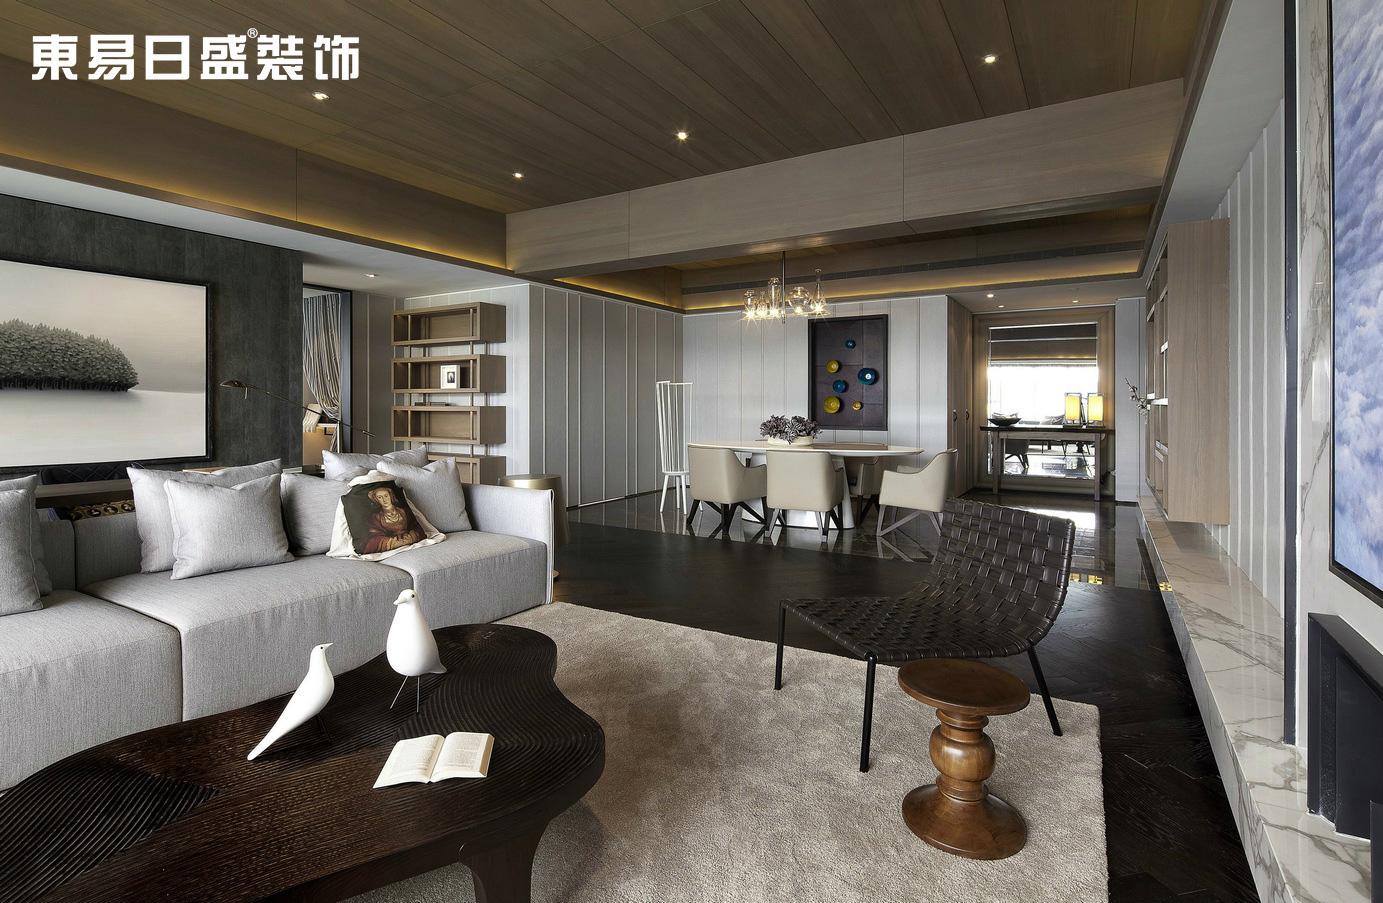 客厅图片来自武汉东易日盛在华侨城-北欧风格-罗勇的分享